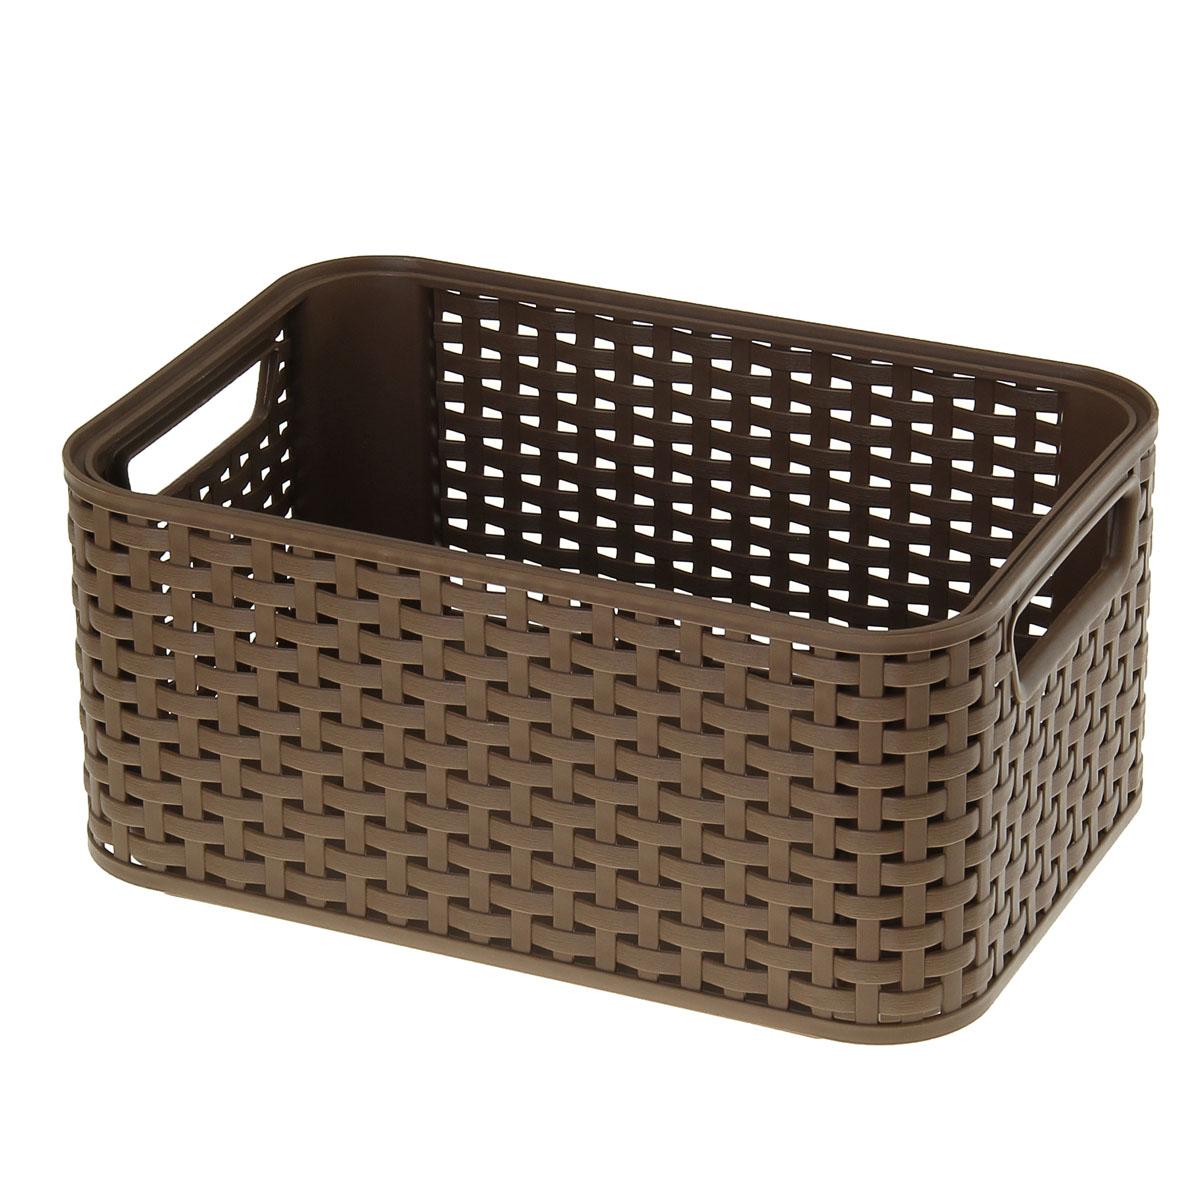 """Корзинка """"Curver"""", изготовленная из высококачественного прочного пластика, предназначена для хранения мелочей в ванной, на кухне, даче или гараже. Изделие оснащено двумя удобными ручками.  Эта легкая корзина со сплошным дном, жесткой кромкой и небольшими отверстиями позволяет хранить мелкие вещи, исключая возможность их потери."""